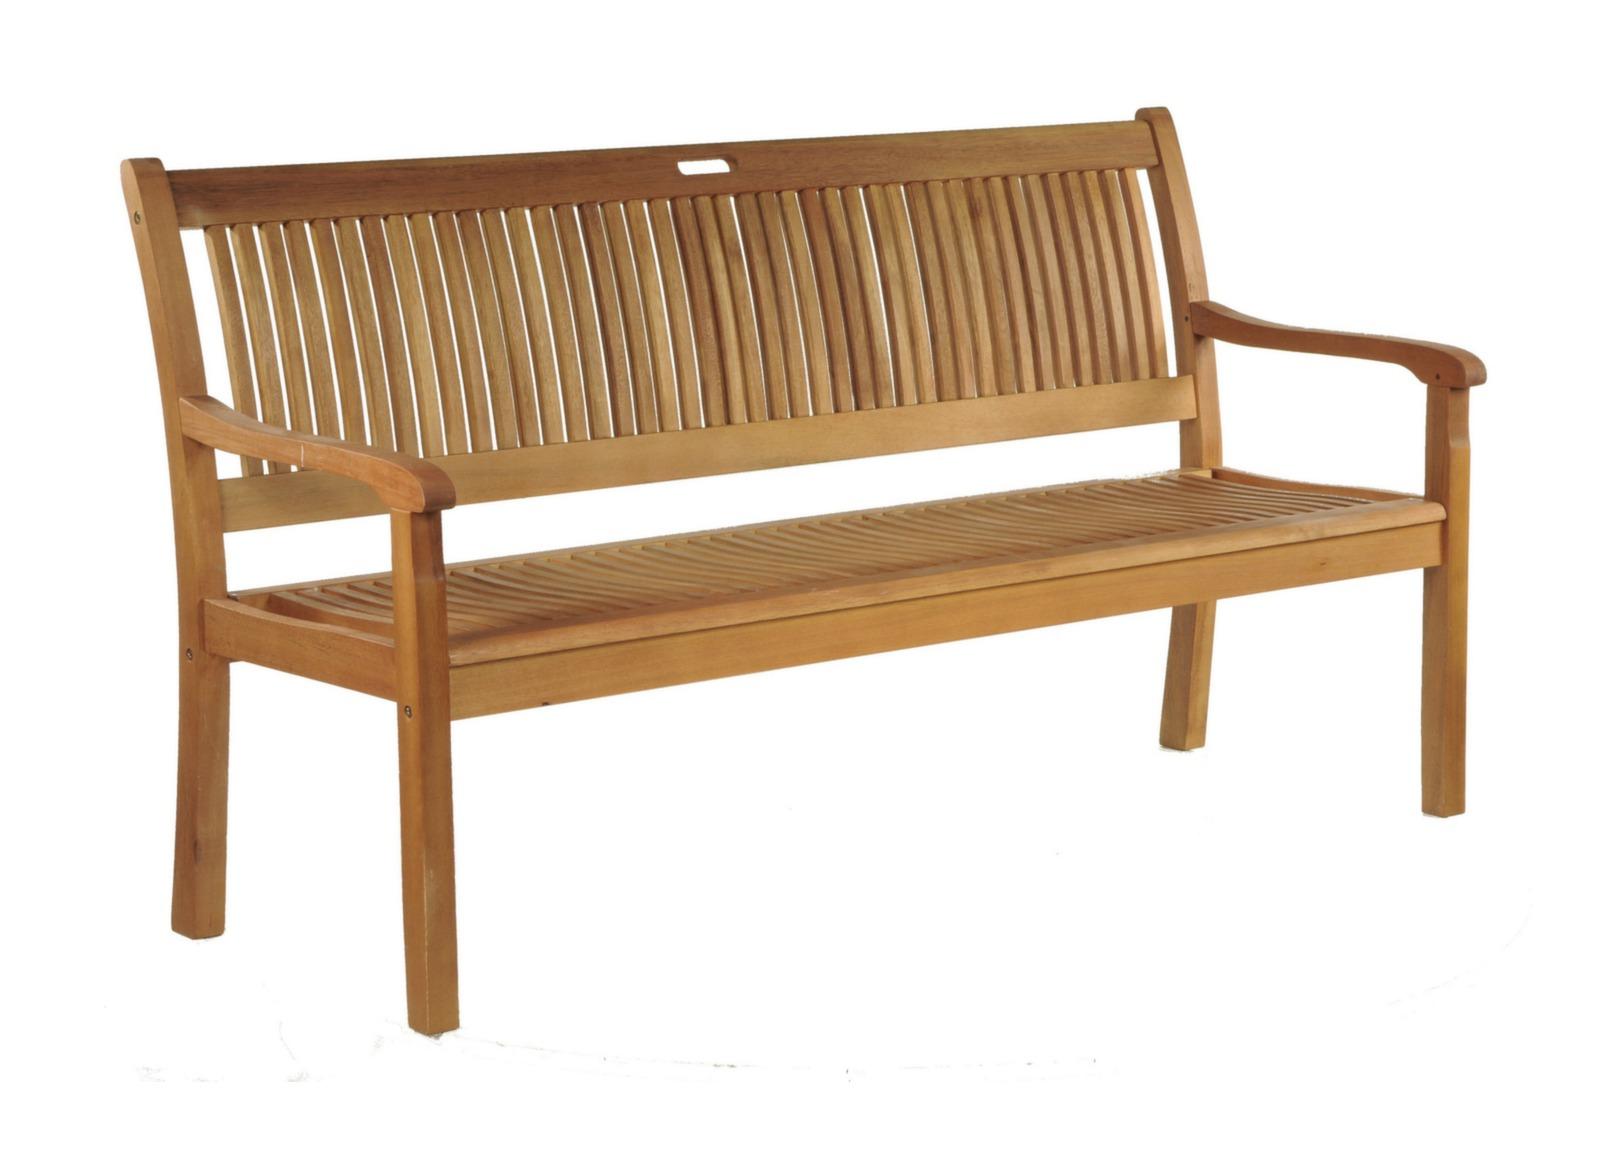 Banc amadeo bancs pour le jardin mobilier de jardin for Banc de jardin design